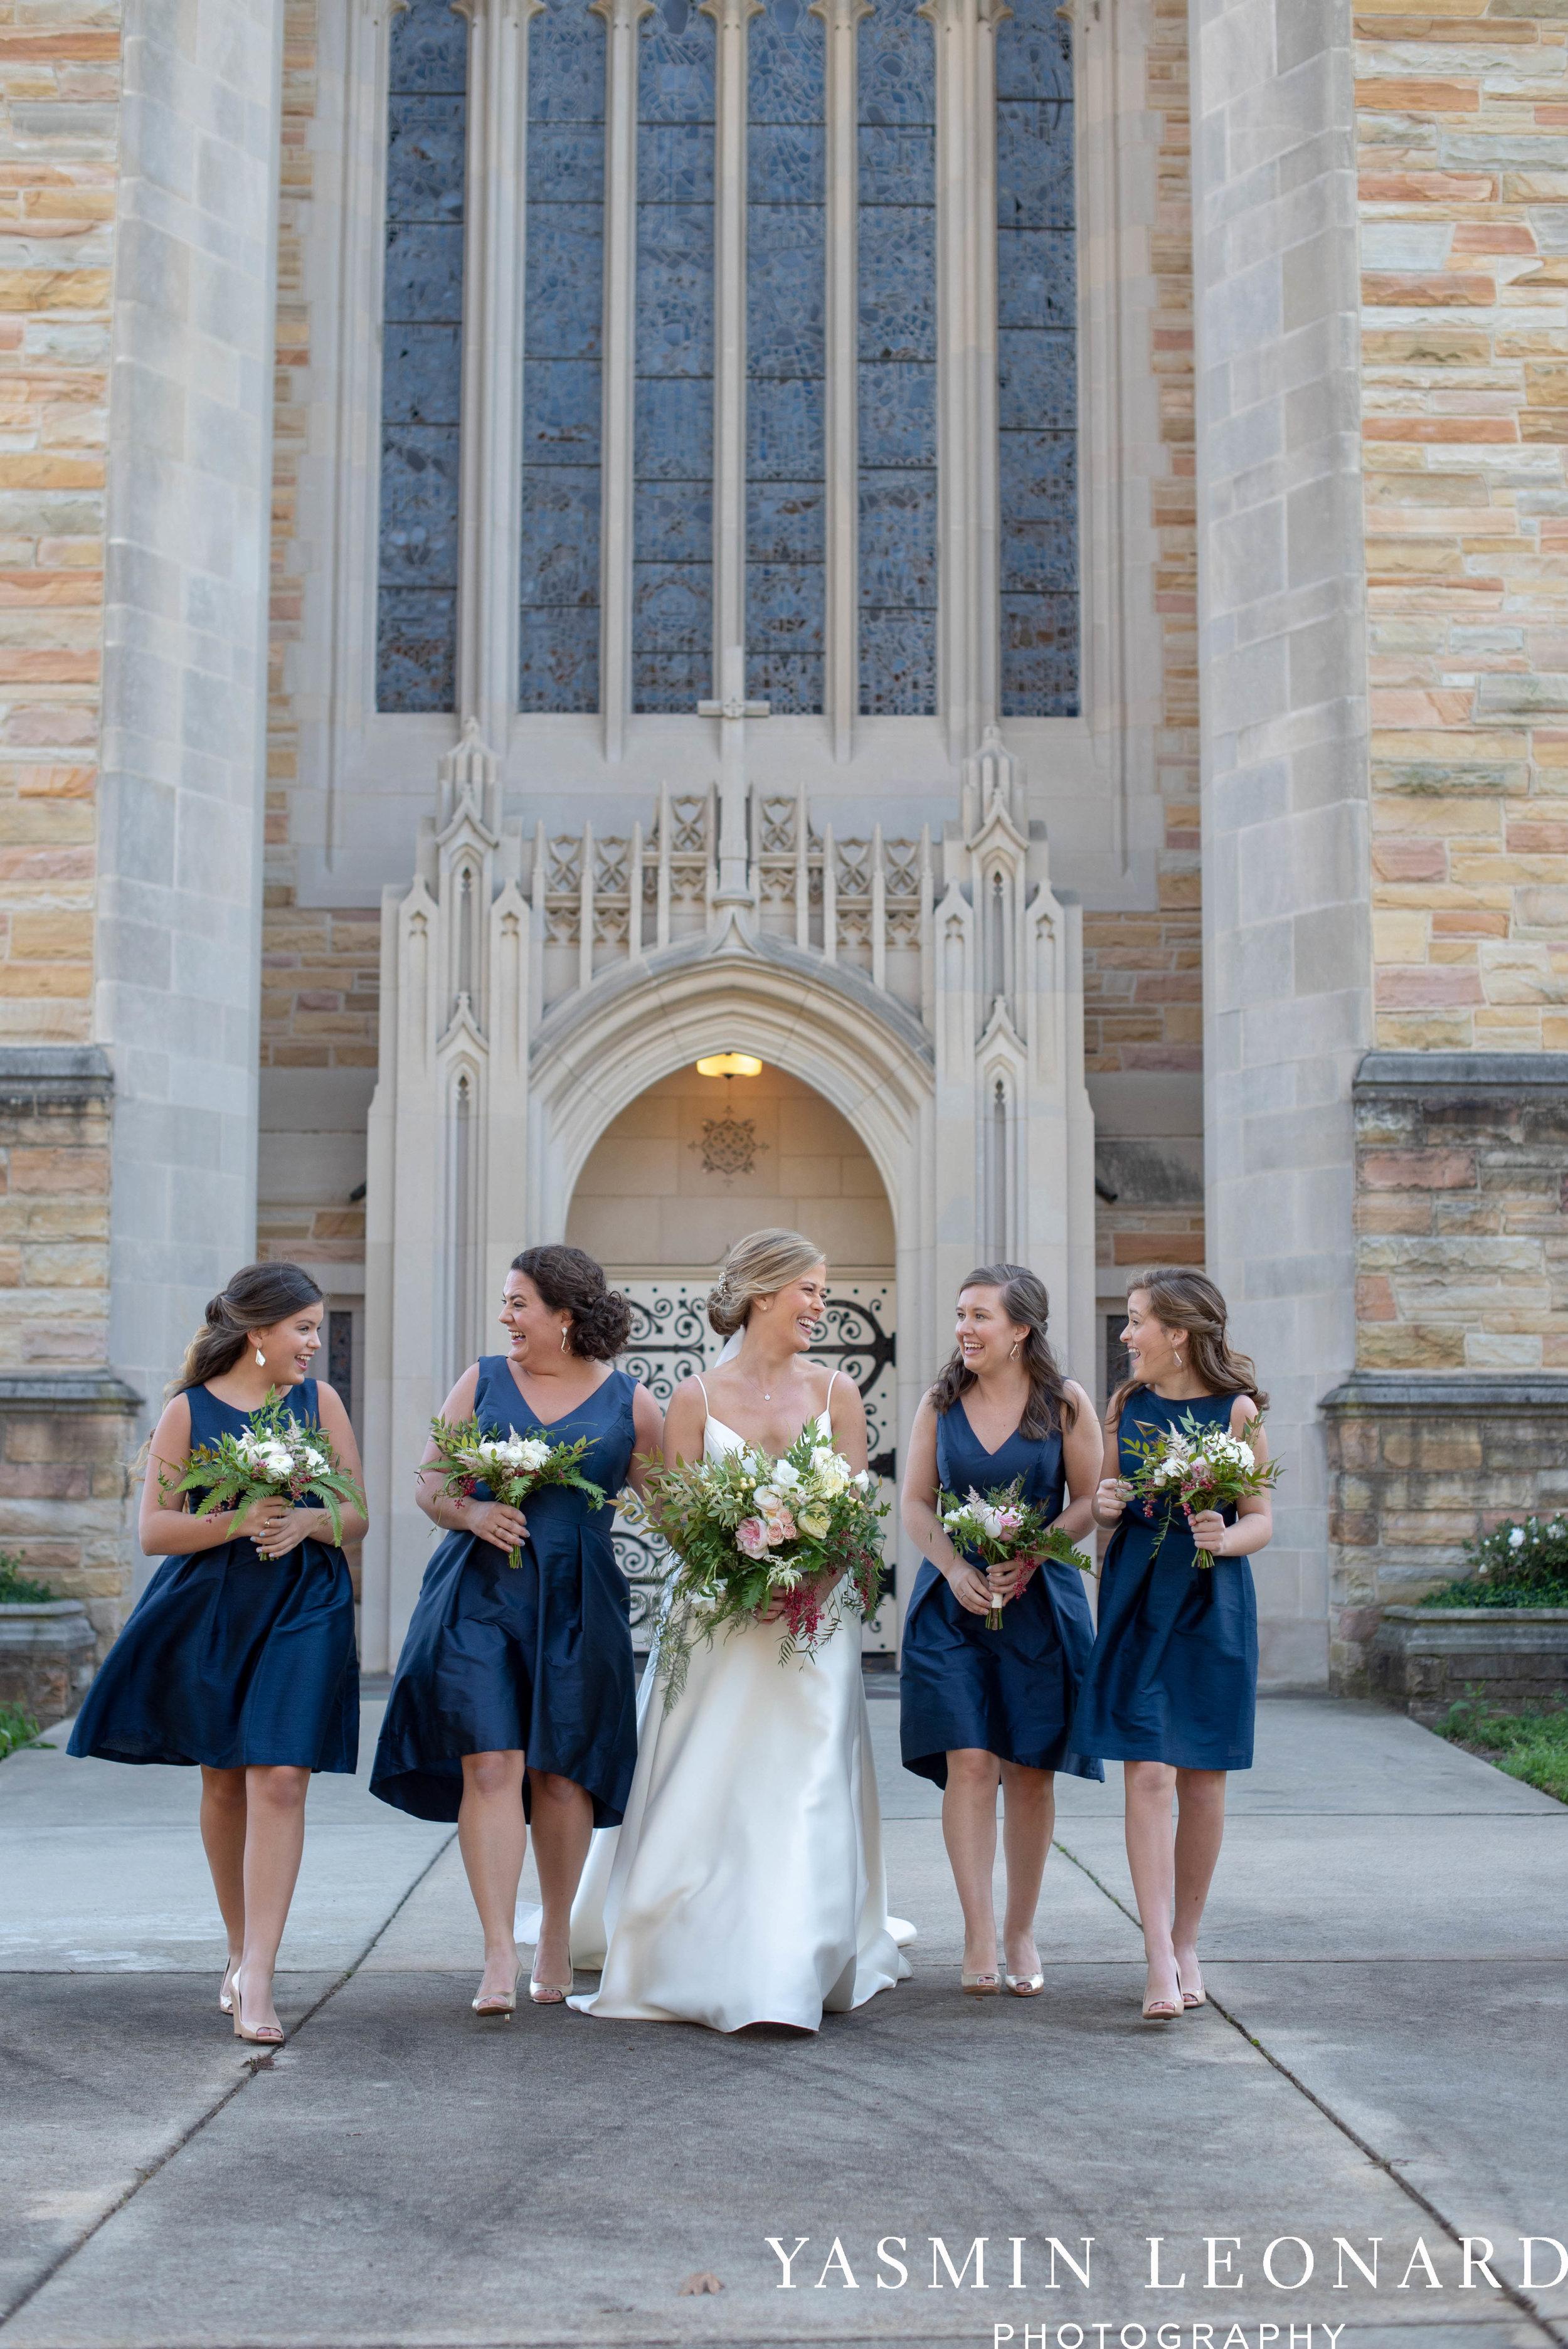 Wesley Memorial United Methodist Church - EmeryWood - High Point Weddings - High Point Wedding Photographer - NC Wedding Photographer - Yasmin Leonard Photography-15.jpg